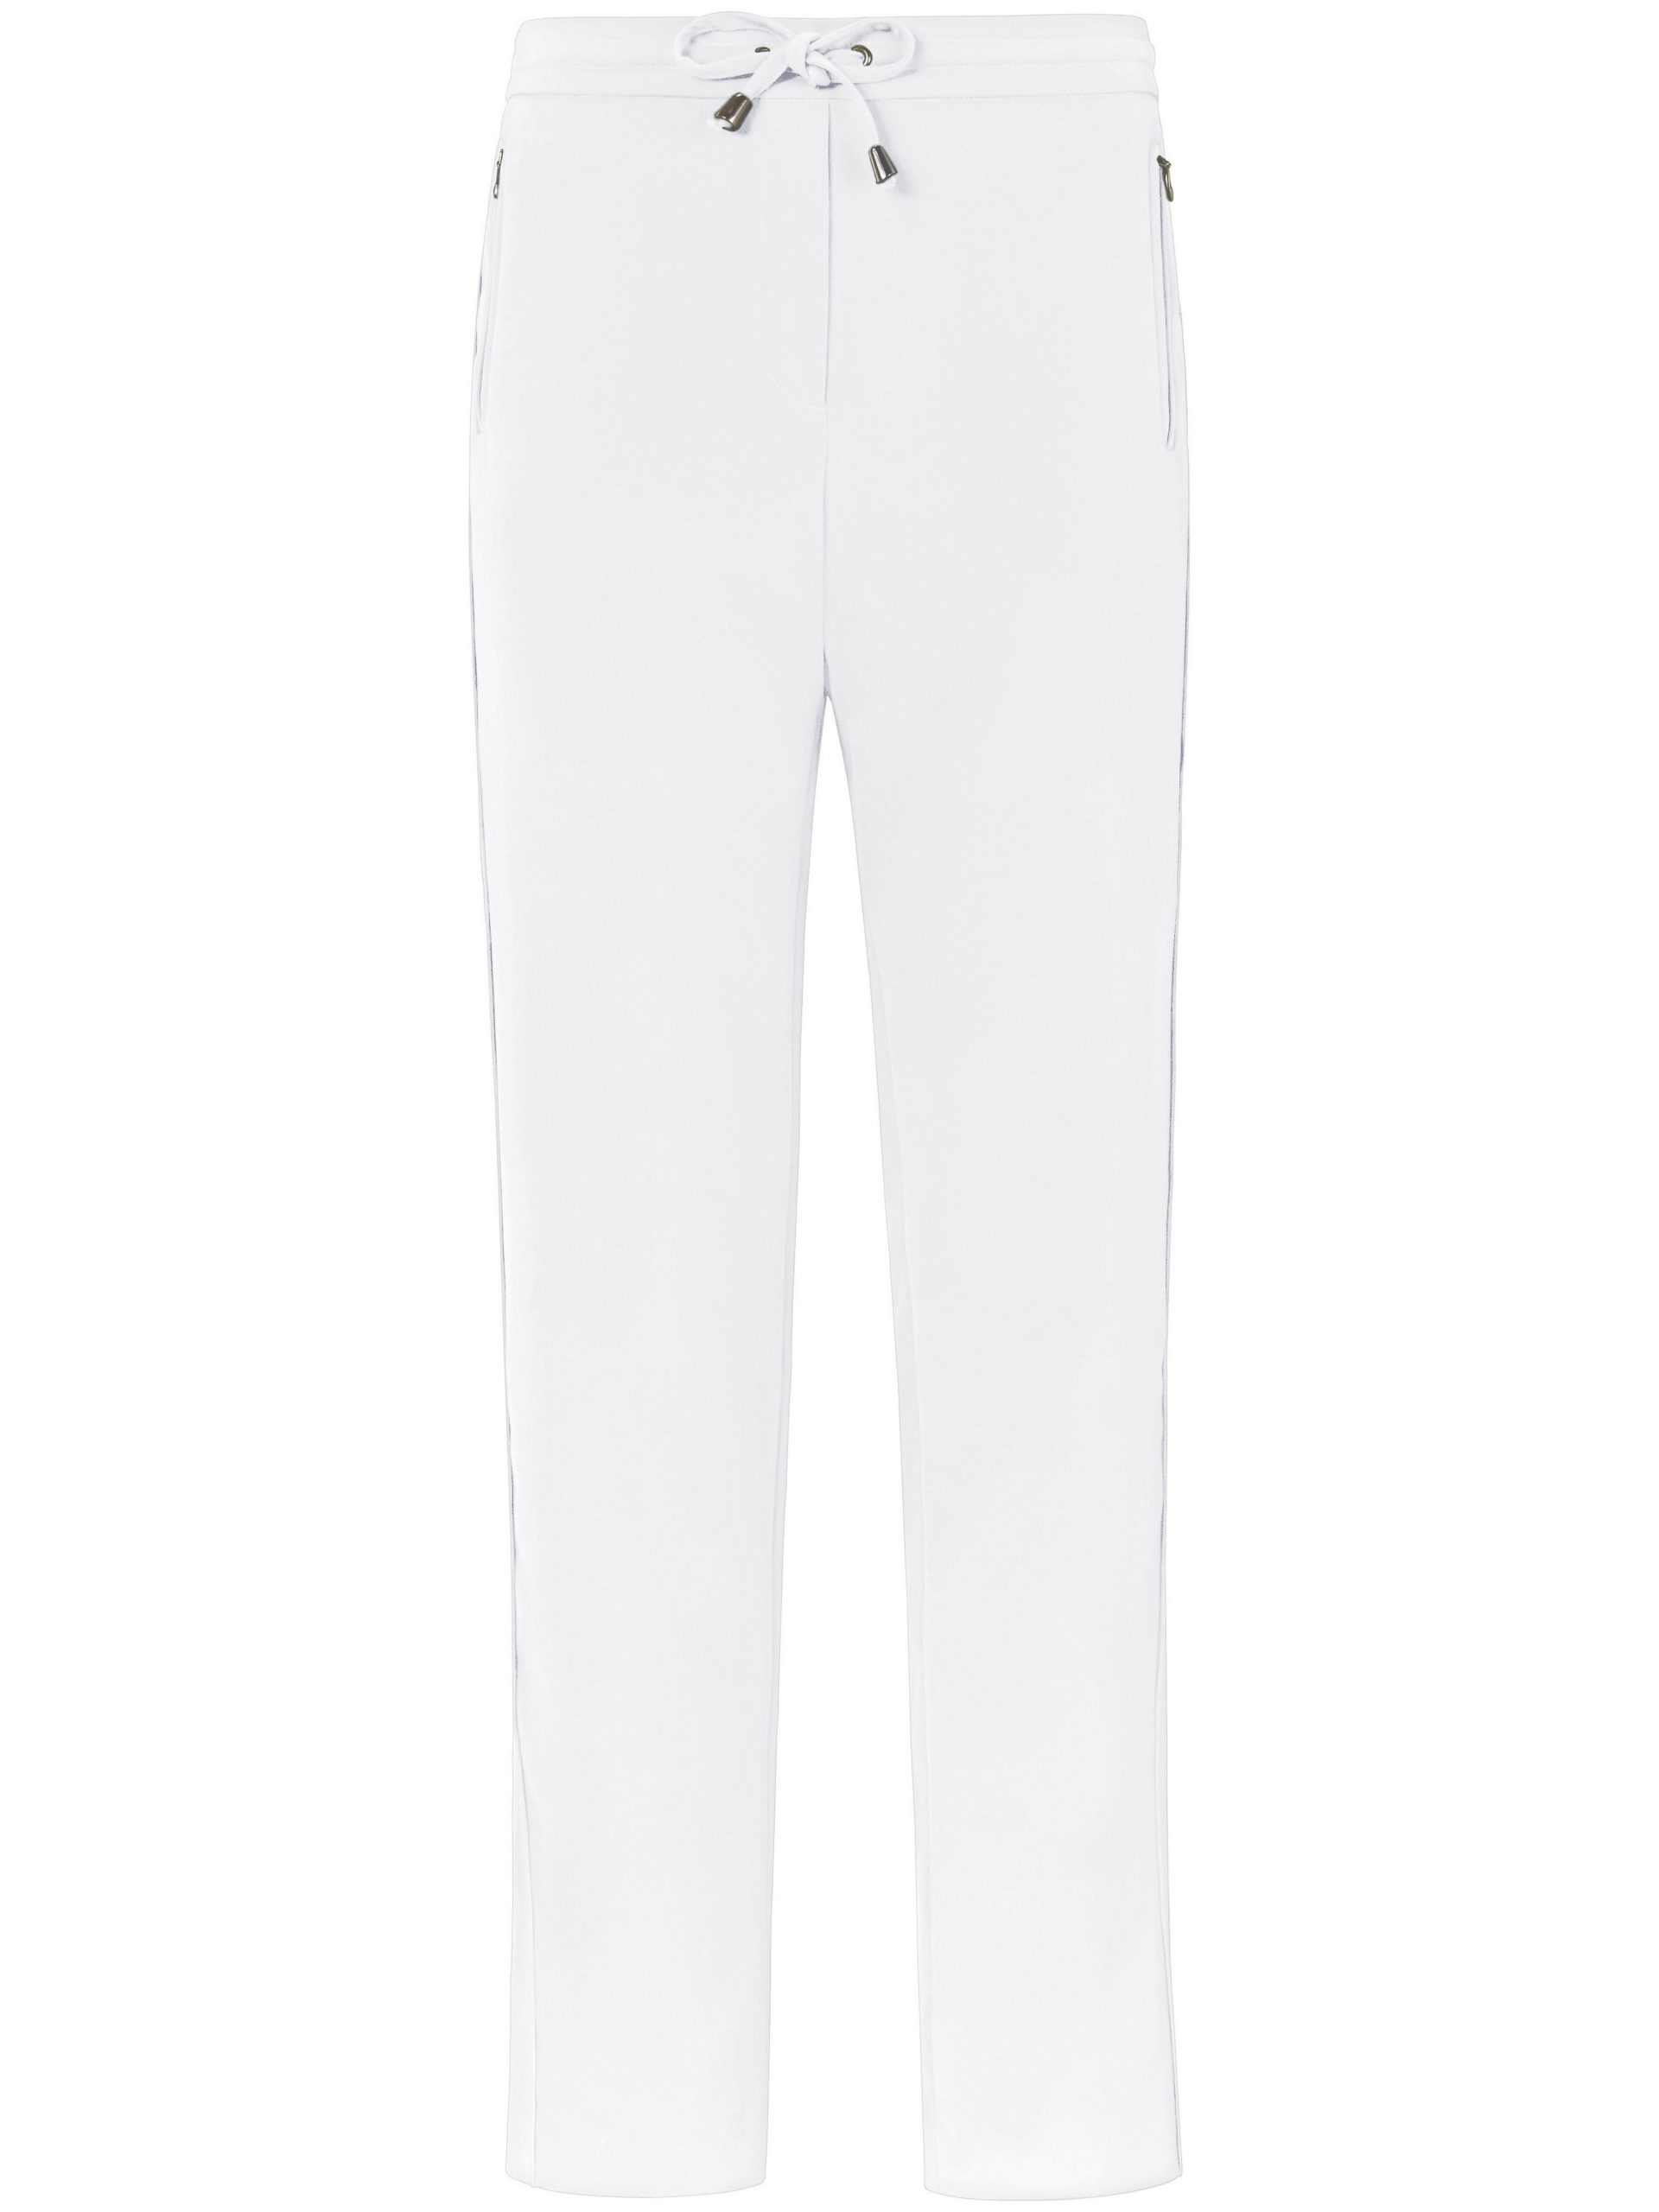 Enkellange broek in jogg-pant-stijl Van DAY.LIKE wit Kopen